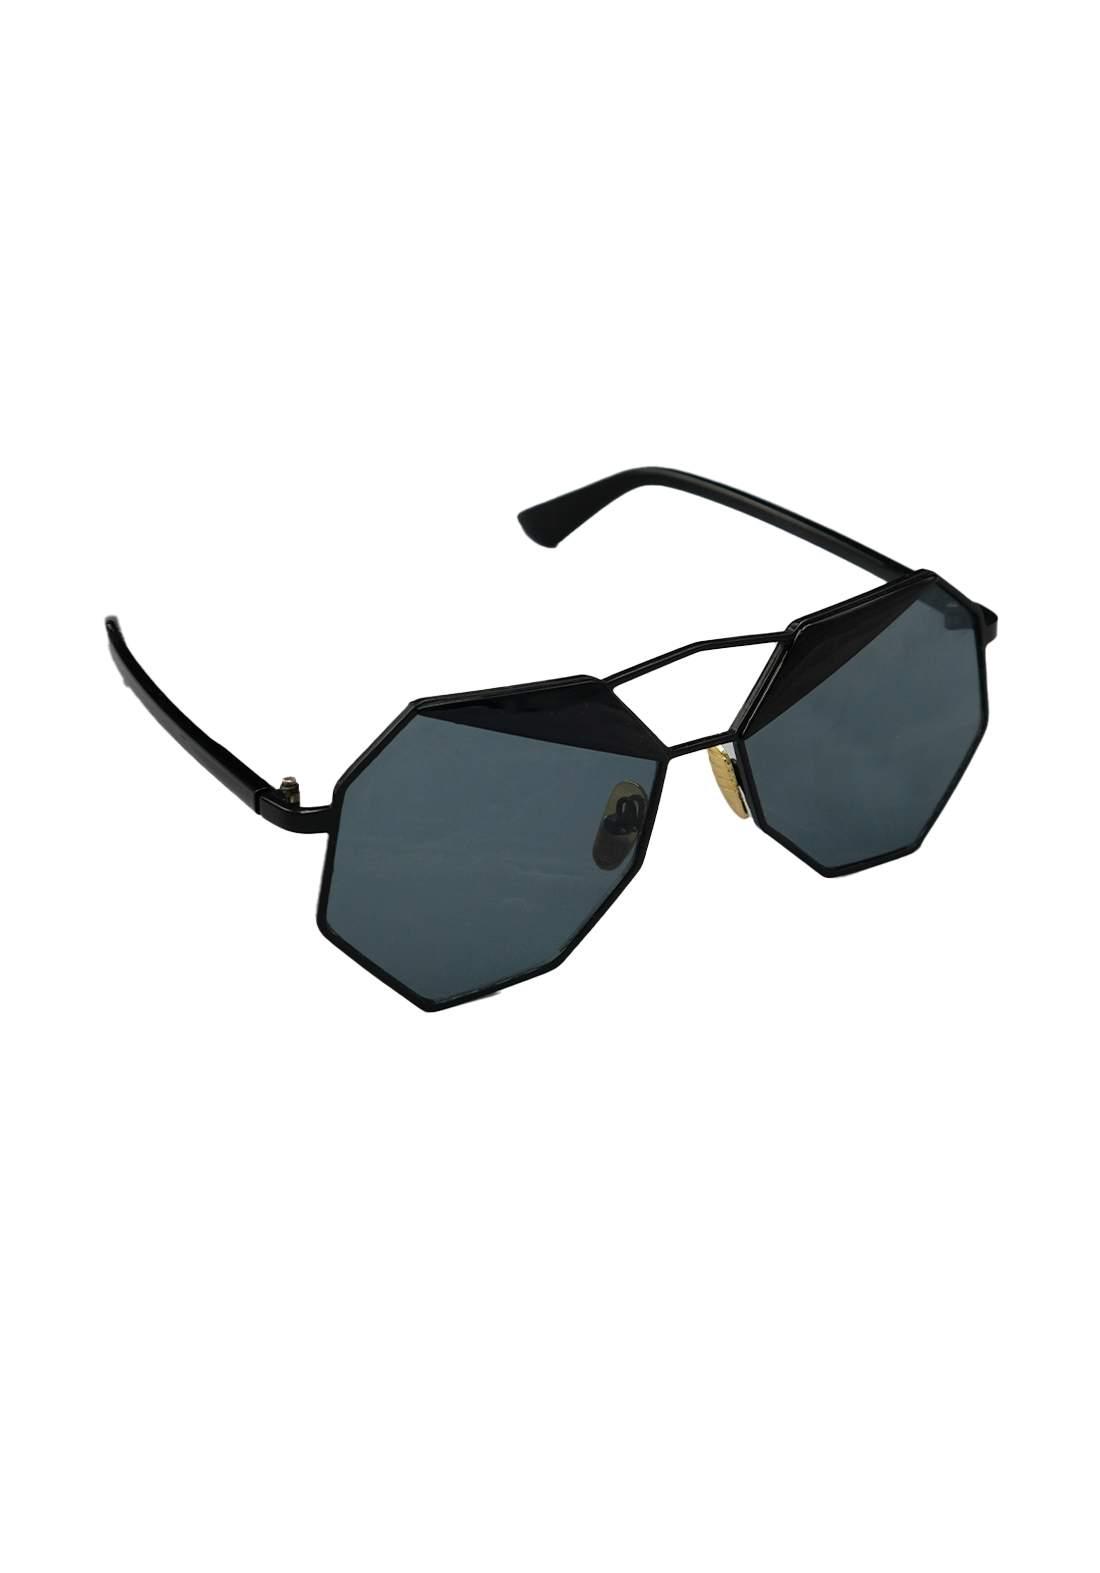 نظارات شمسية نسائية اسود اللون